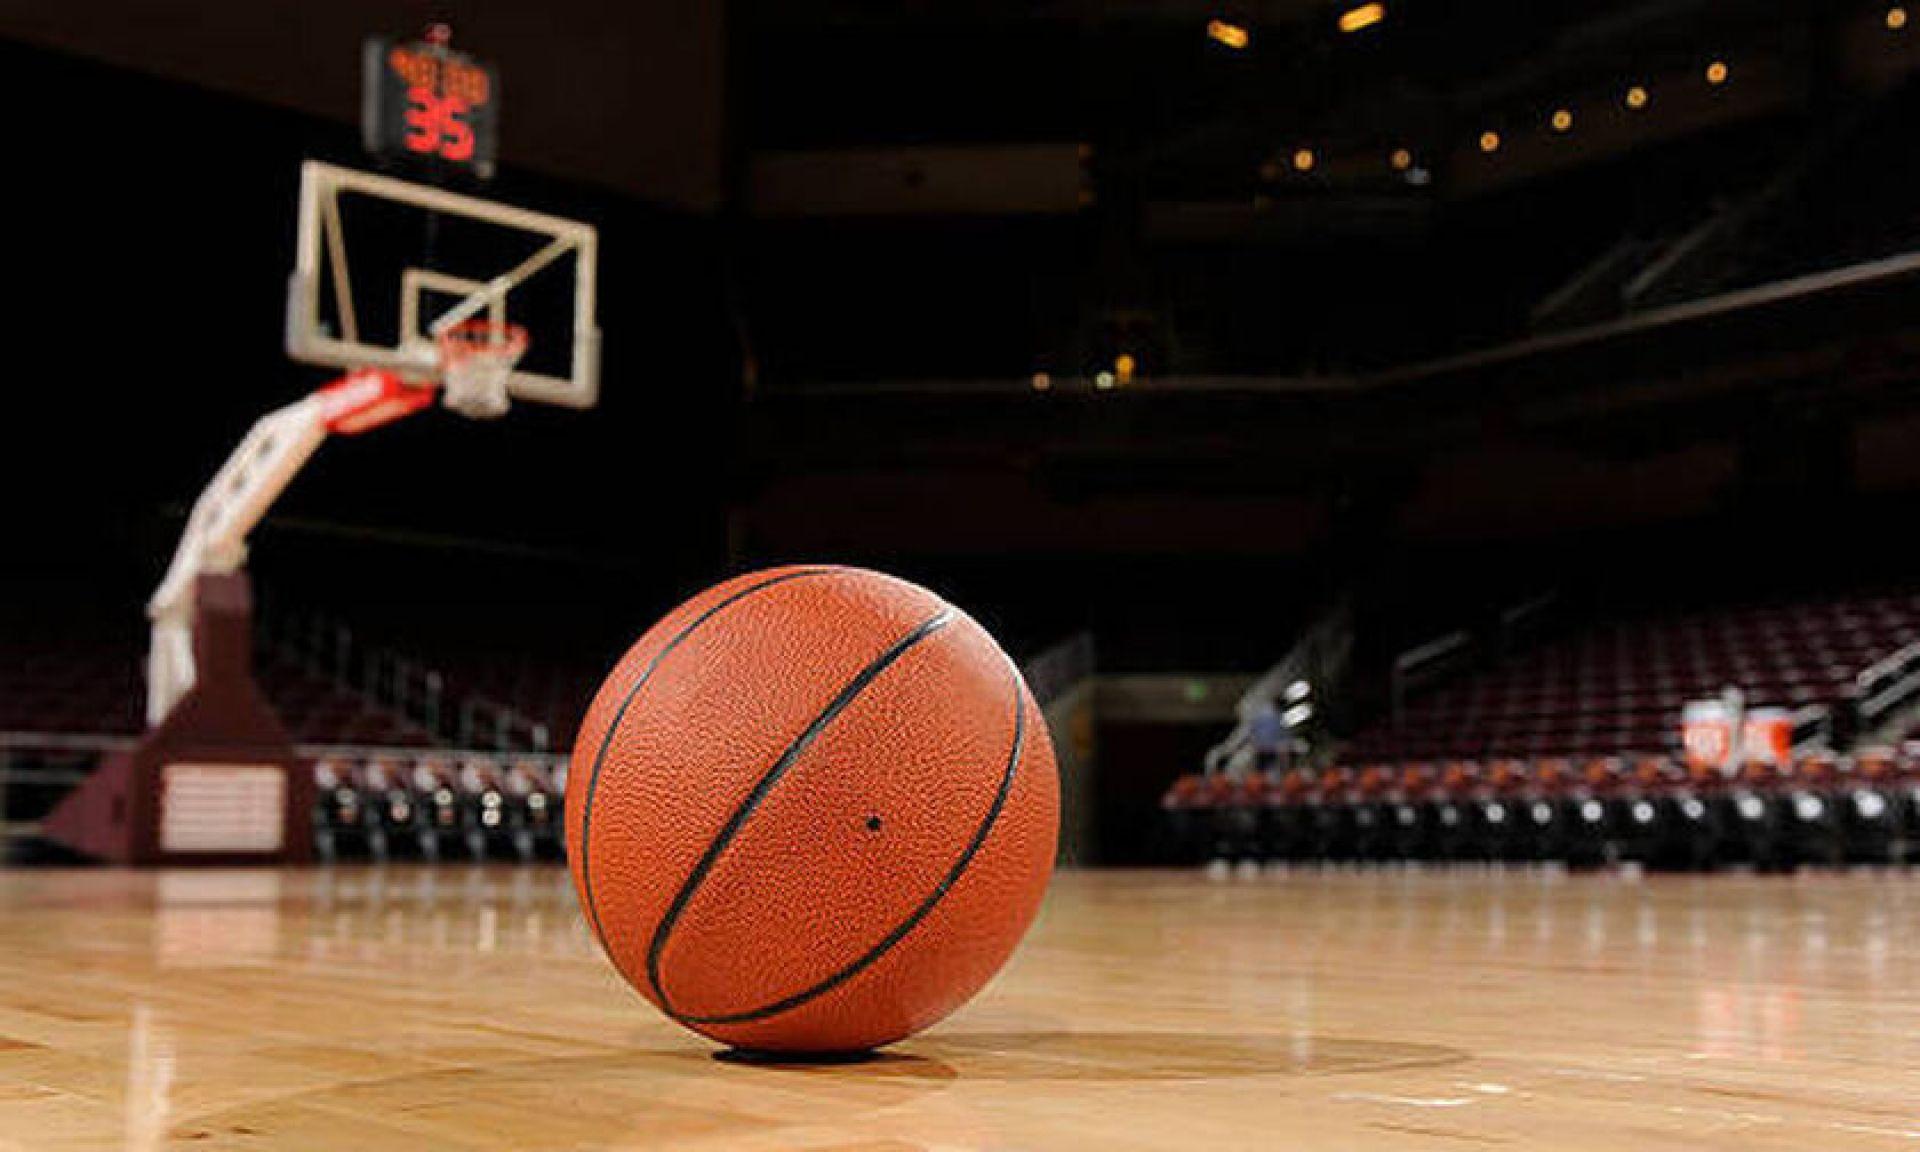 Βαρομετρικό χαμηλό για το μπάσκετ: Μετά από 30 χρόνια χωρίς ελληνική ομάδα στα προημιτελικά!